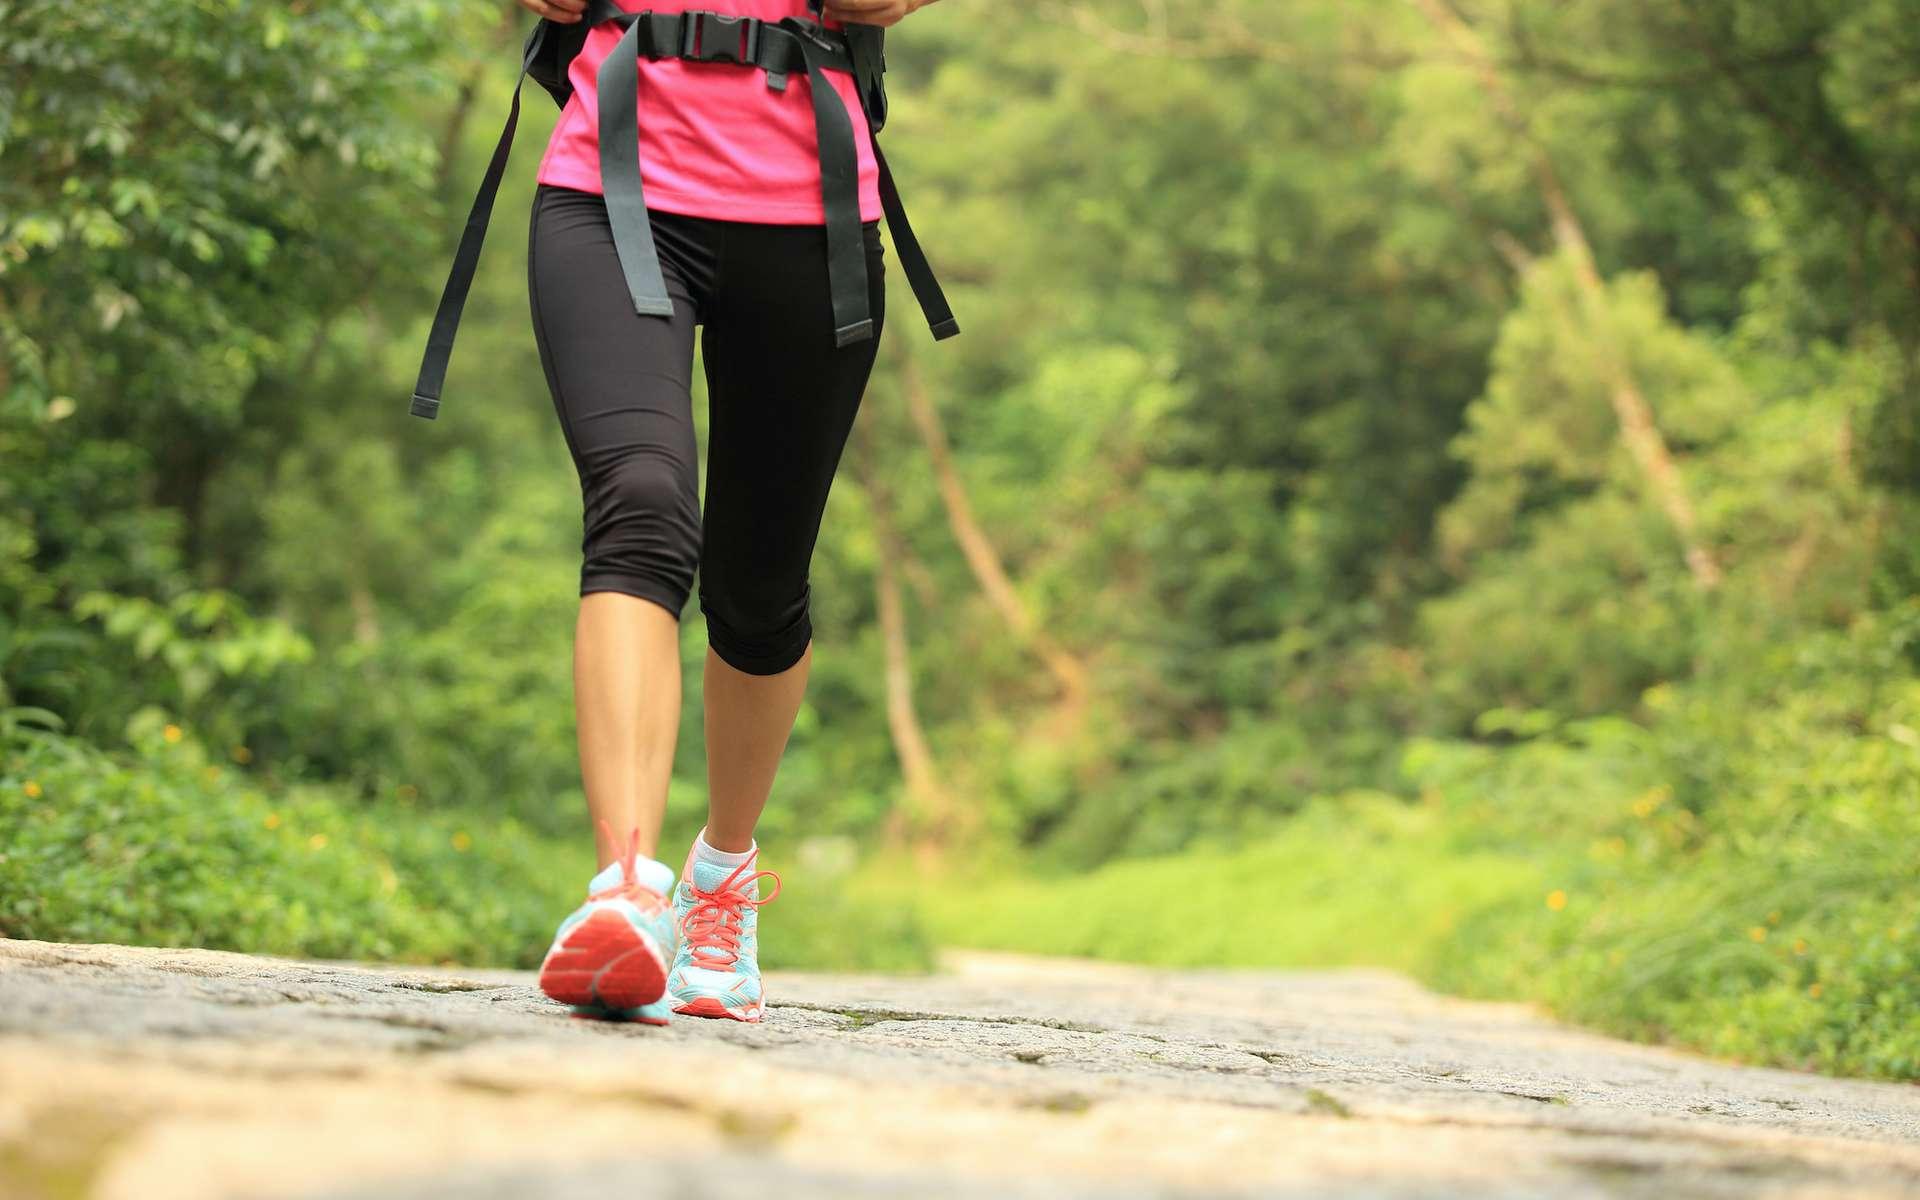 La marche, un sport complet et non traumatisant. Comment pratiquer ? © lzf, Adobe Stock